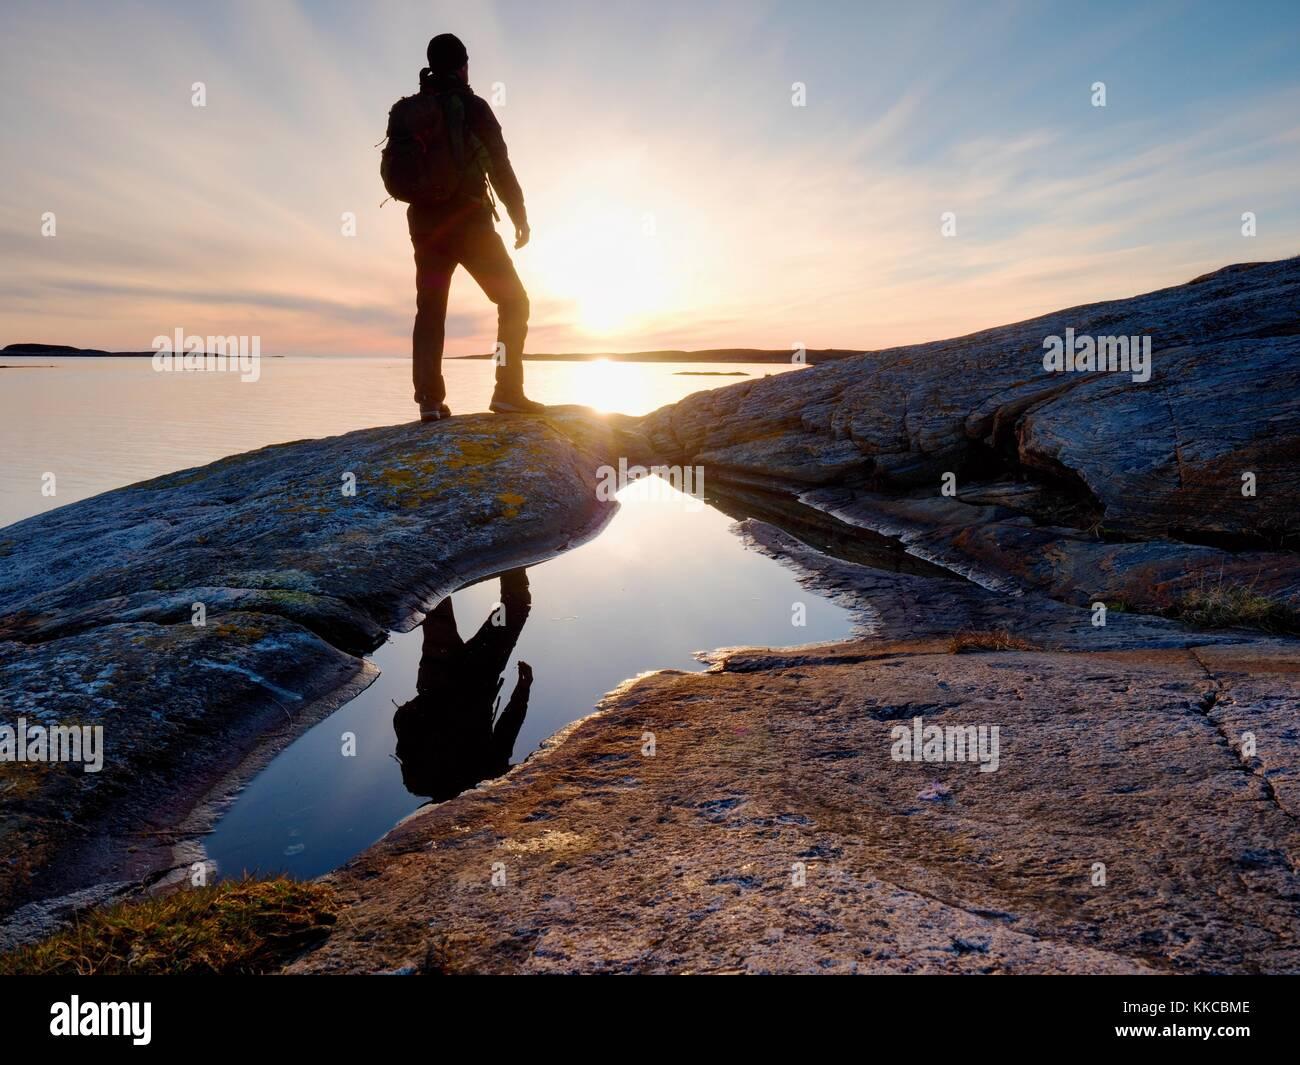 Tall backpacker ver claro y soleado amanecer de primavera sobre el mar. Excursionista con mochila stand en la orilla Imagen De Stock